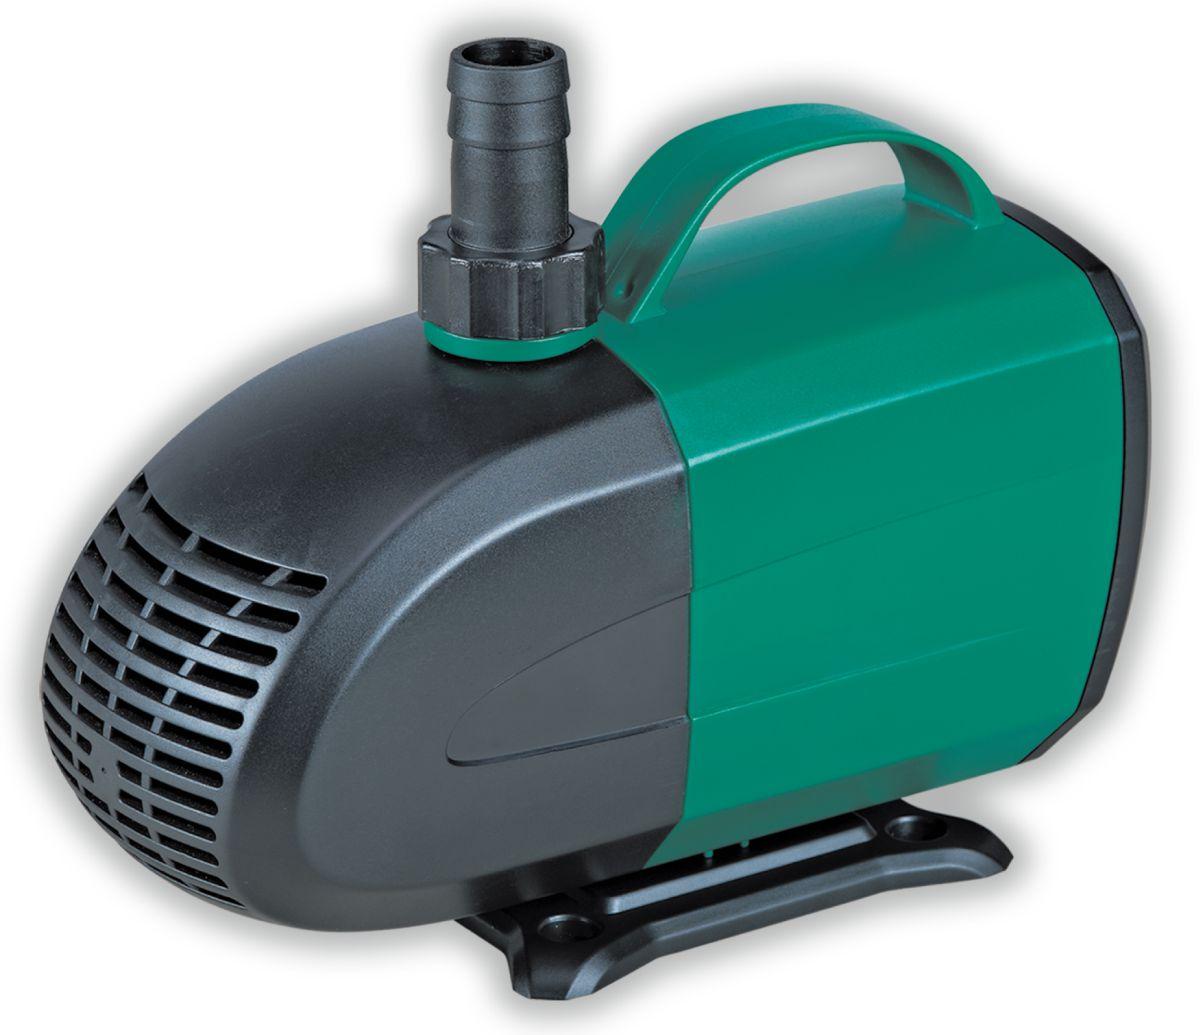 Помпа для аквариума Barbus Pump 018, водяная, энергосберегающая, 6000 л/ч, 5 м, 100 ВтPUMP 018Водяная энергосберегающая помпа Barbus Pump 018 обеспечивает постоянную циркуляцию воды в аквариуме, подходит для пресной и соленой воды. Имеет керамический штифт ротора и 2 дополнительных насадки для аэрации воды. Не перегревается и работает тихо. Отлично подходит для создания фонтанов, водопадов. Только для полного погружения в воду. Напряжение: 220-240 В. Мощность: 100 Вт. Частота: 50/60 Гц. Производительность: 6000 л/ч.Максимальная высота подъема: 5 м. Уважаемые клиенты!Обращаем ваше внимание на возможные изменения в цвете некоторых деталей товара. Поставка осуществляется в зависимости от наличия на складе.